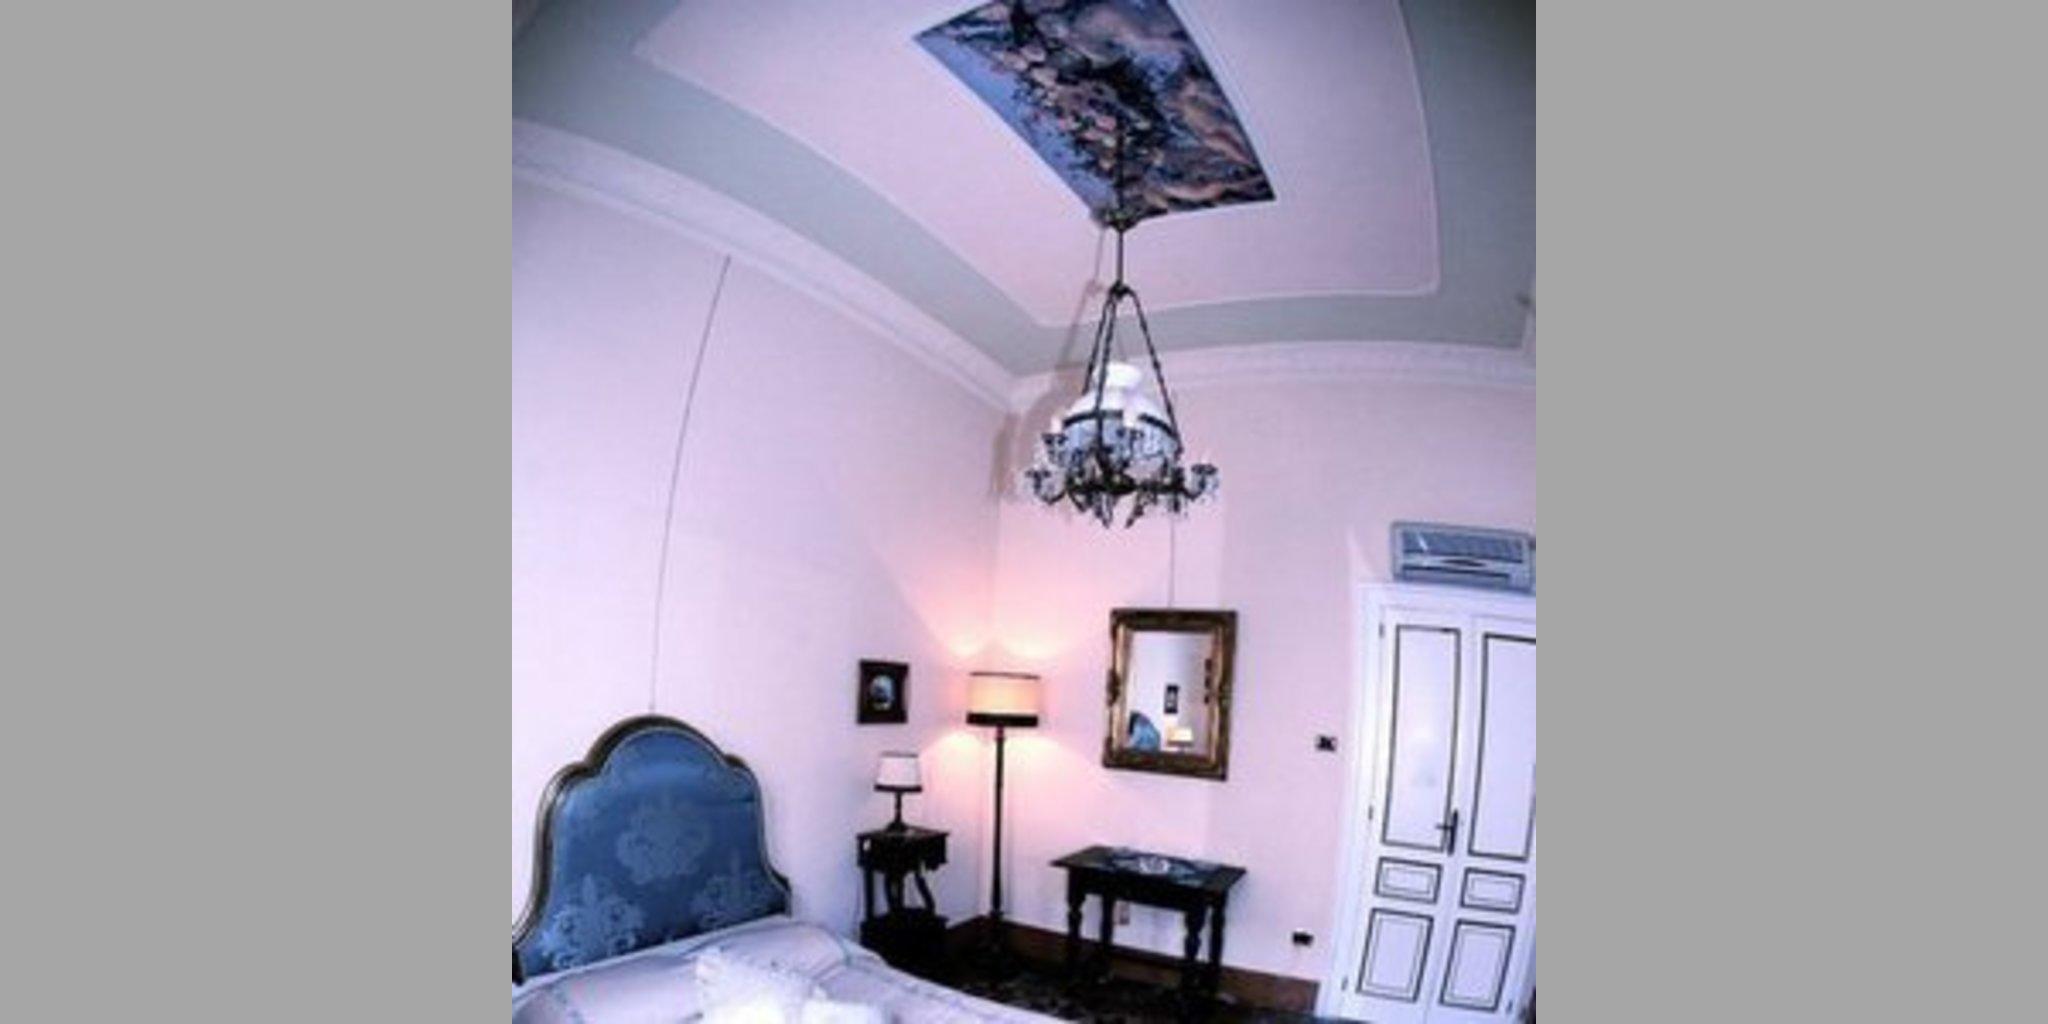 Guest House Reggio Di Calabria - Reggio Calabria